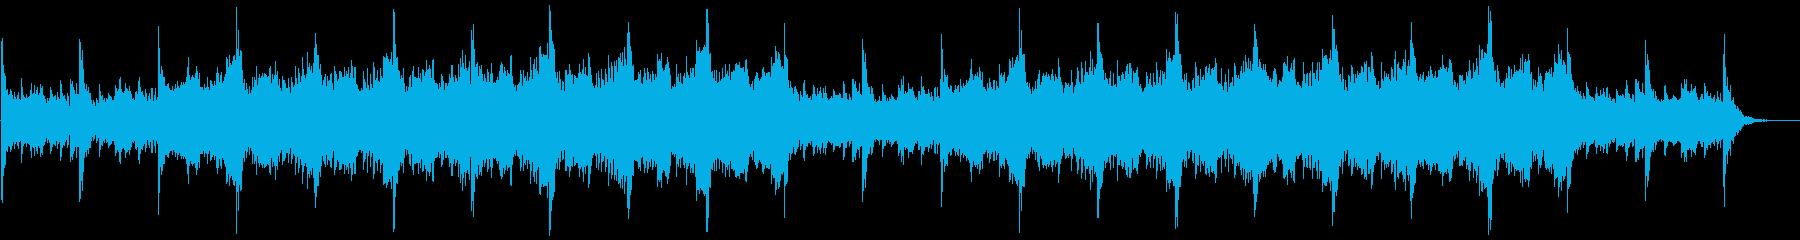 ループ対応・荒野の行動バトルオーケストラの再生済みの波形